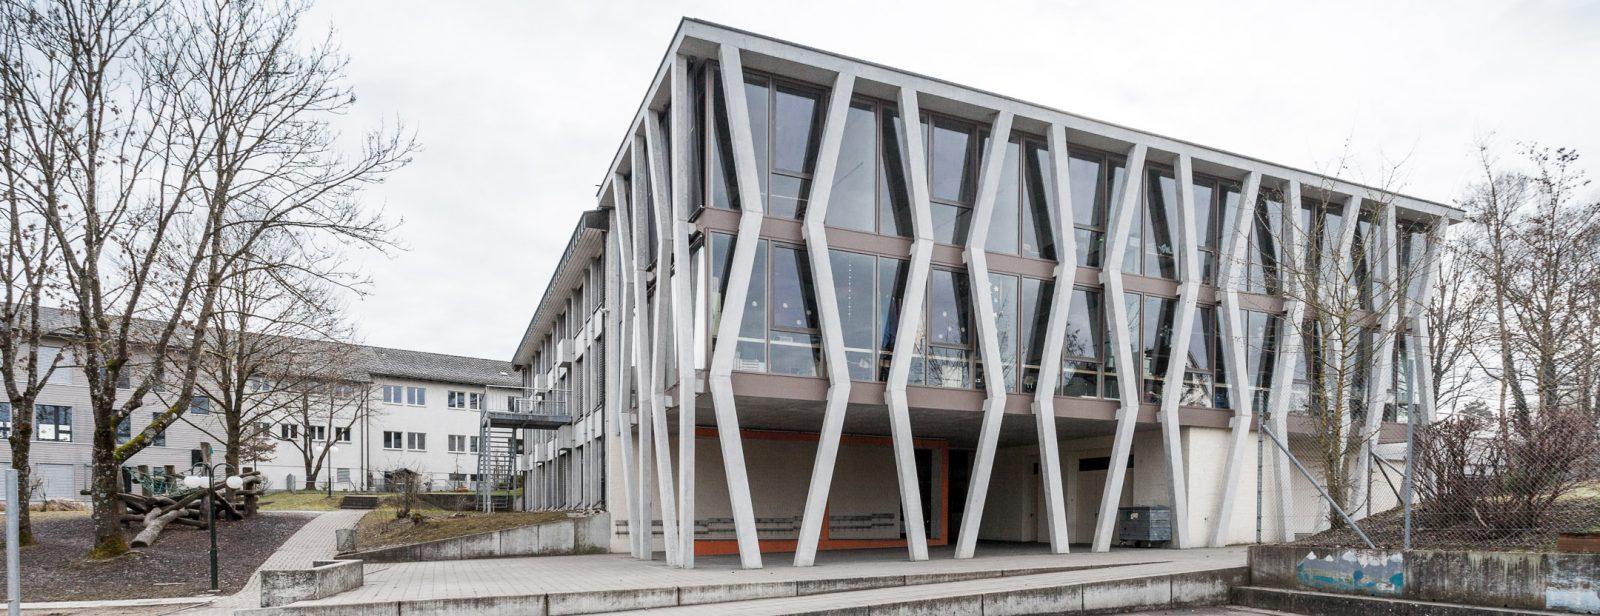 Erweiterung Primarschule, Elsau